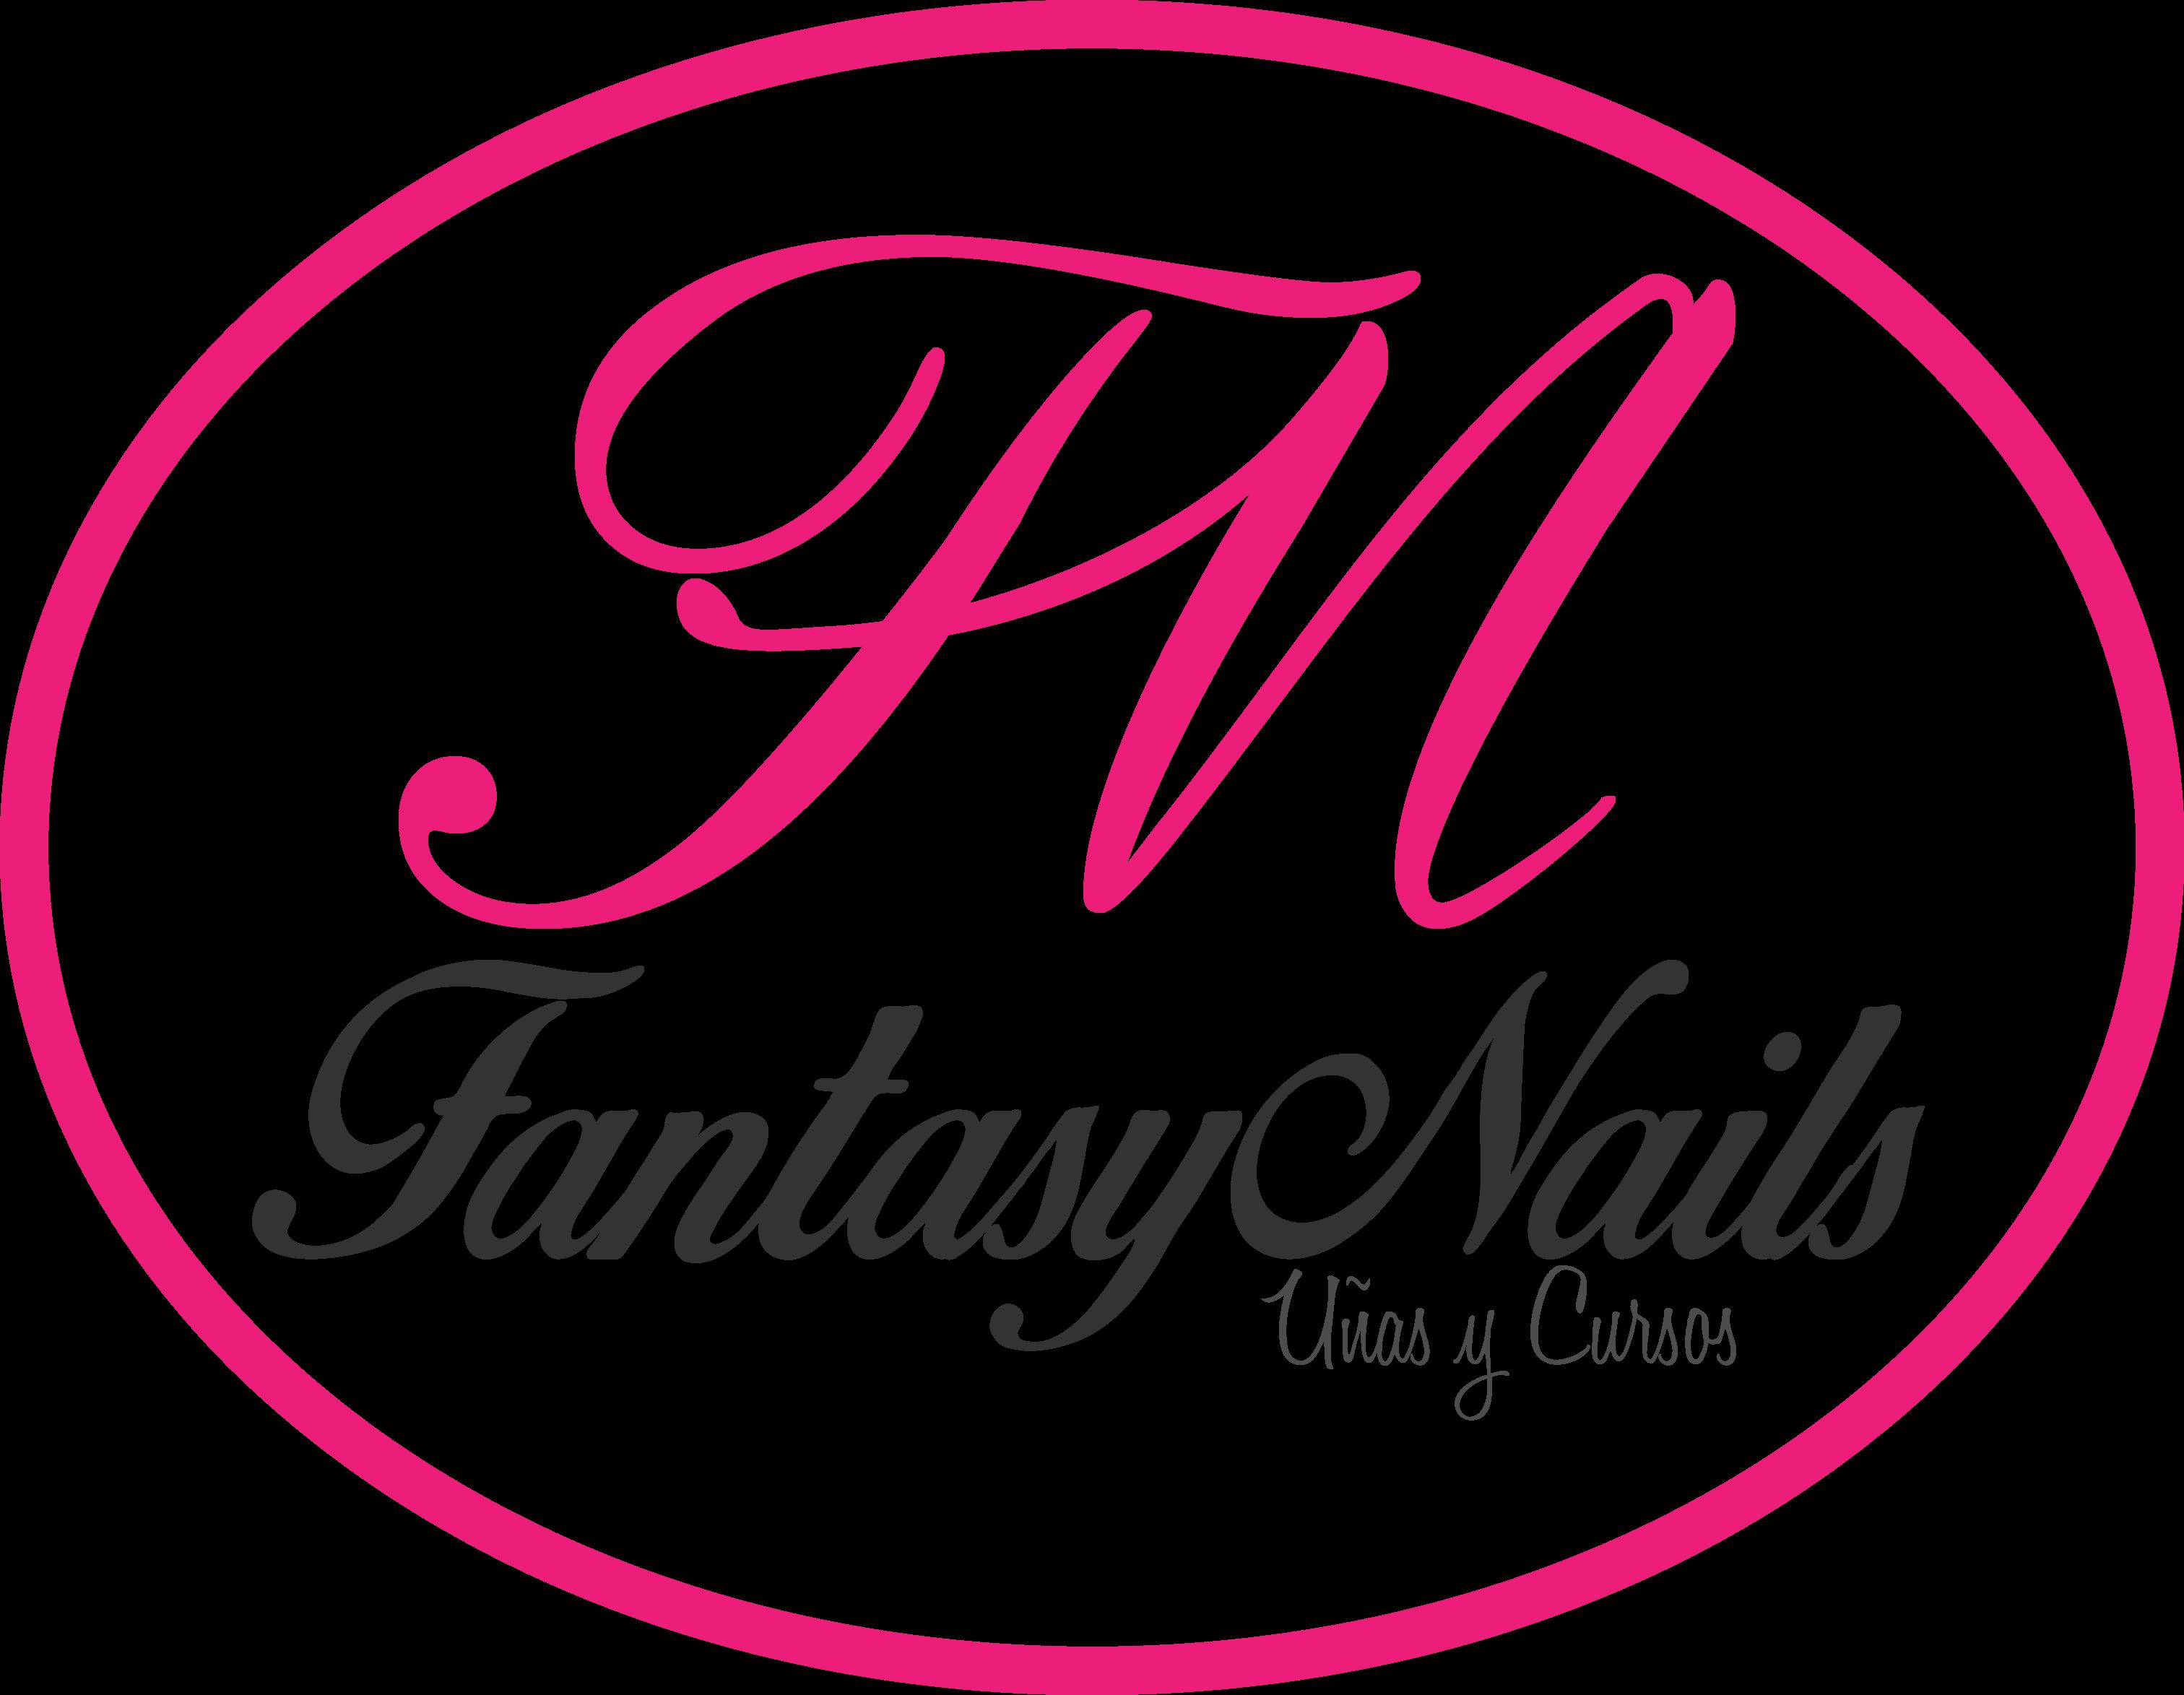 Logo fantasynails